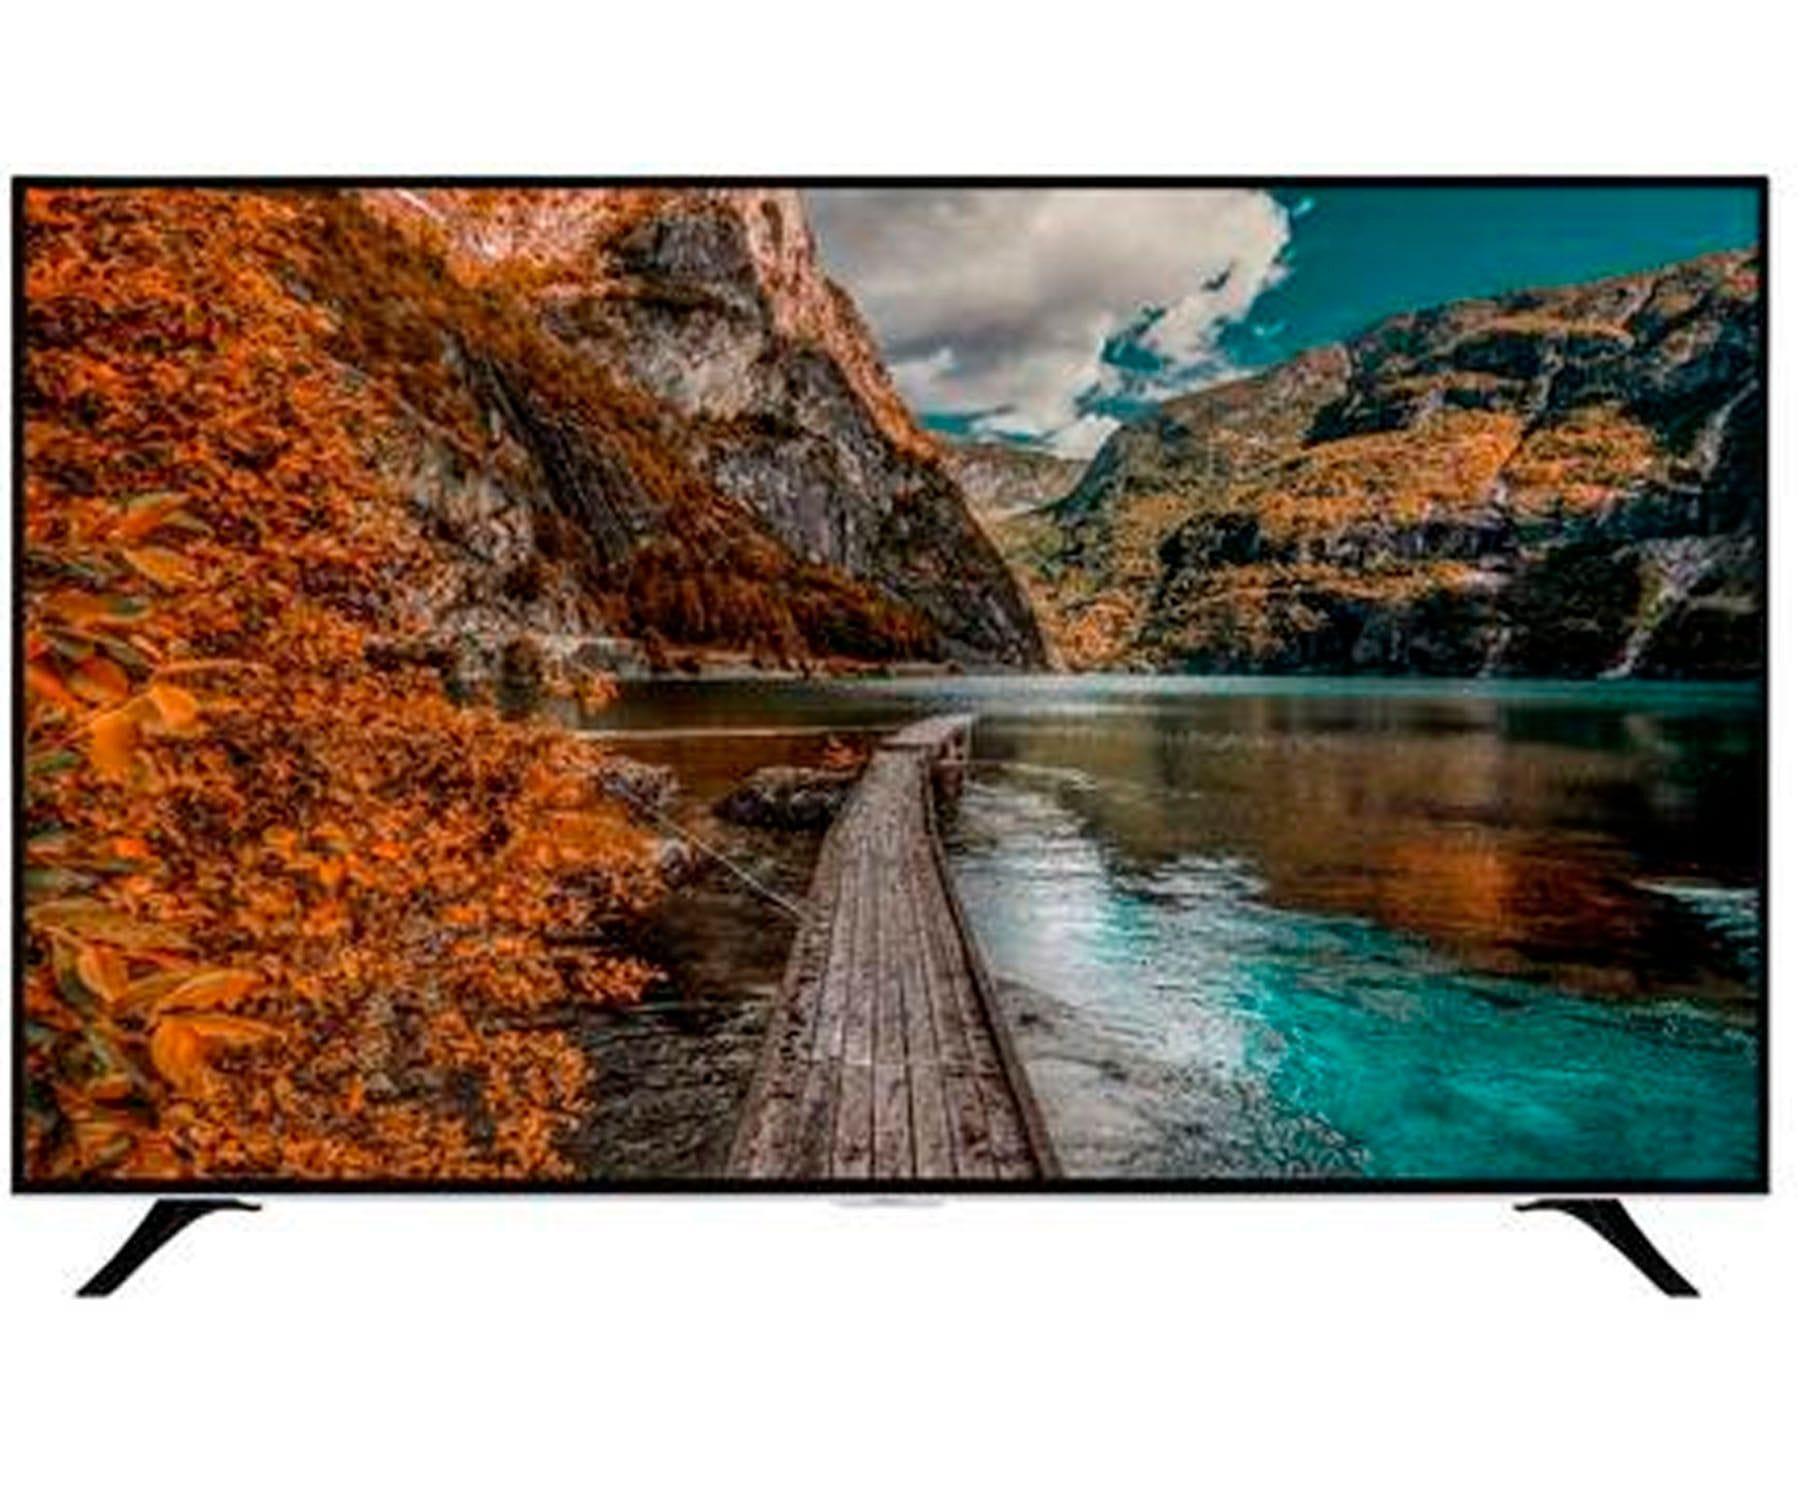 HITACHI 55HAK5751 TELEVISOR 55'' LED HDR 4K SMART ANDROID TV 1200BPI HDMI USB